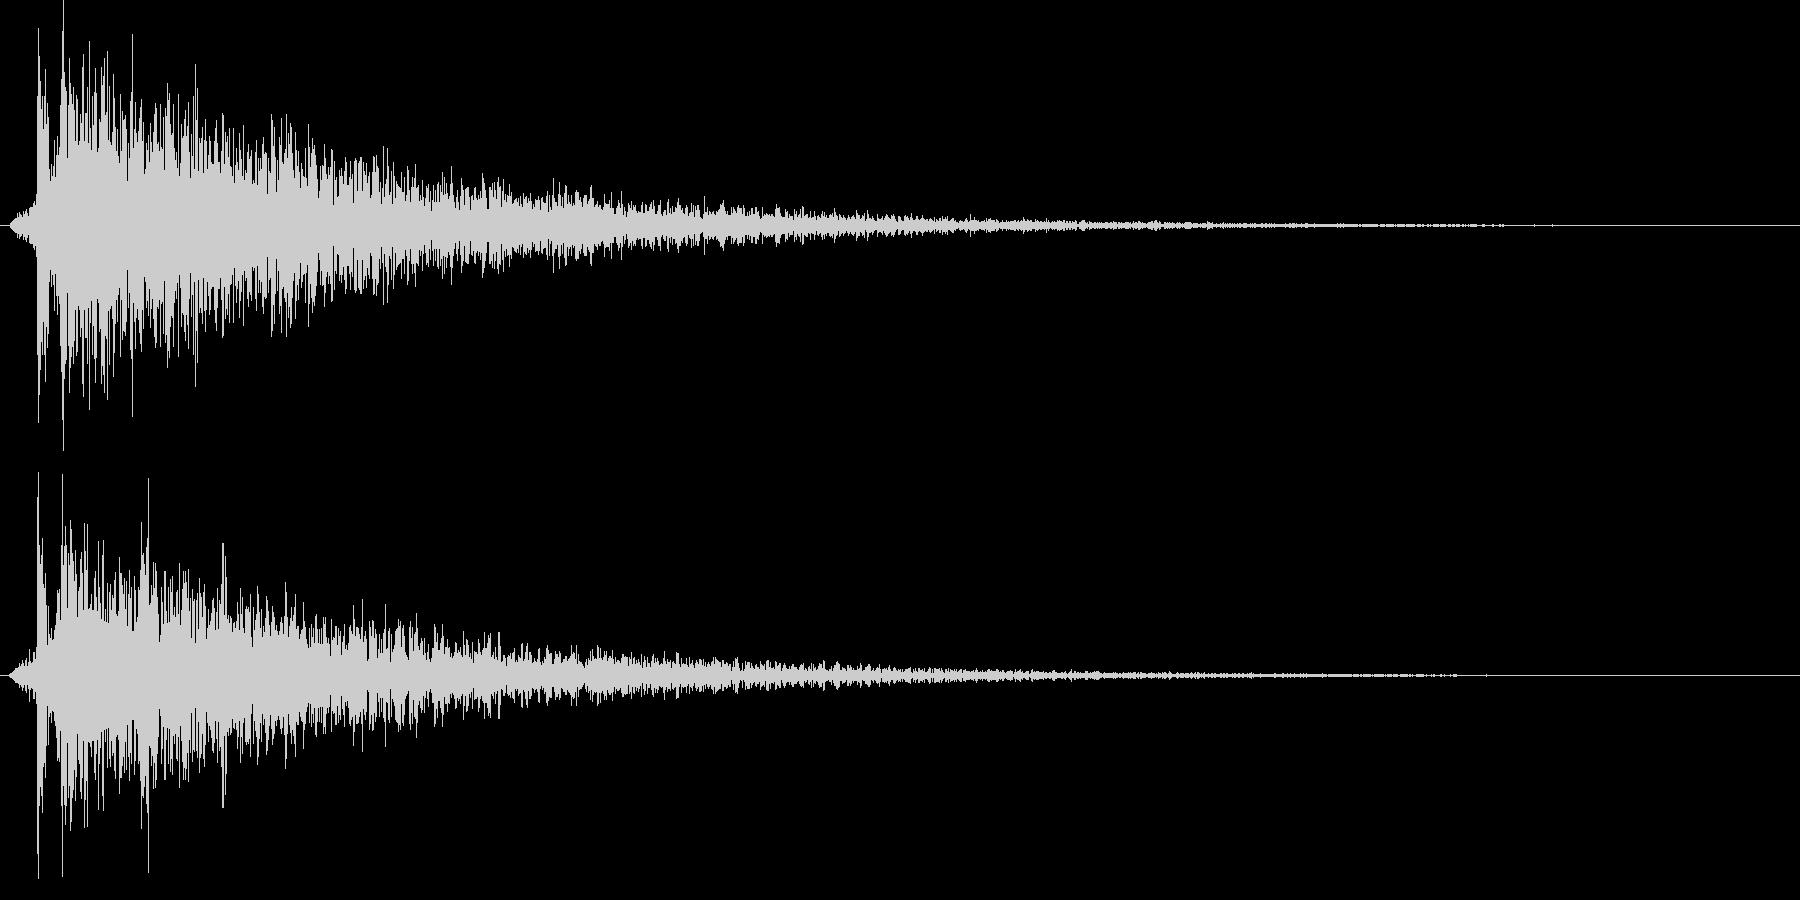 カポーン(お風呂・銭湯・温泉)ワイド版の未再生の波形